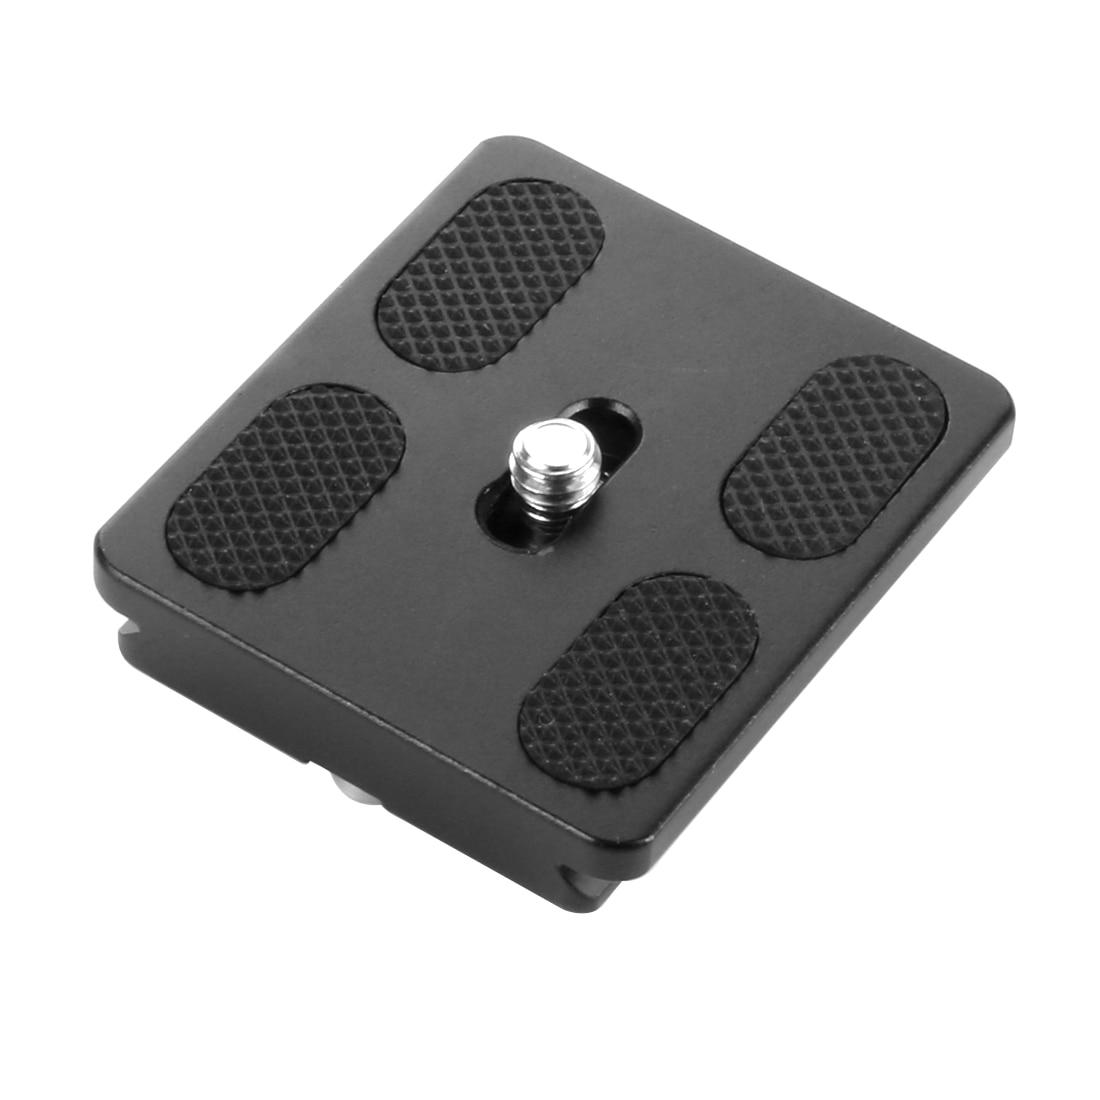 Aluminum Quick Release Plate PU50 Arca Standard for Camera Tripod Ball Head Clam